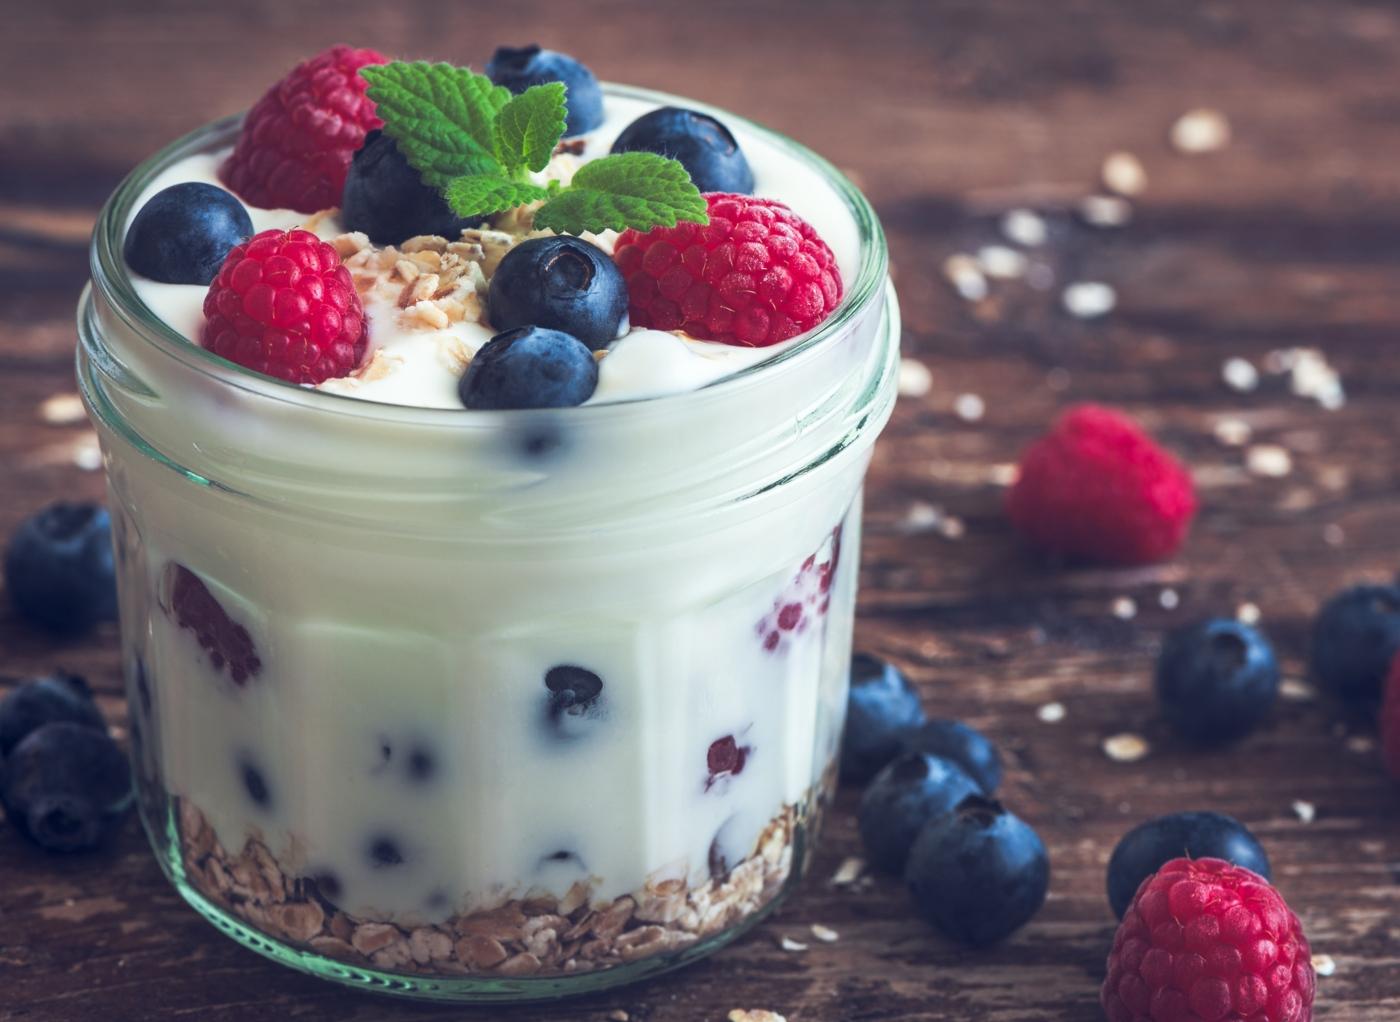 Como poupar calorias: Iogurte com aveia e frutos vermelhos